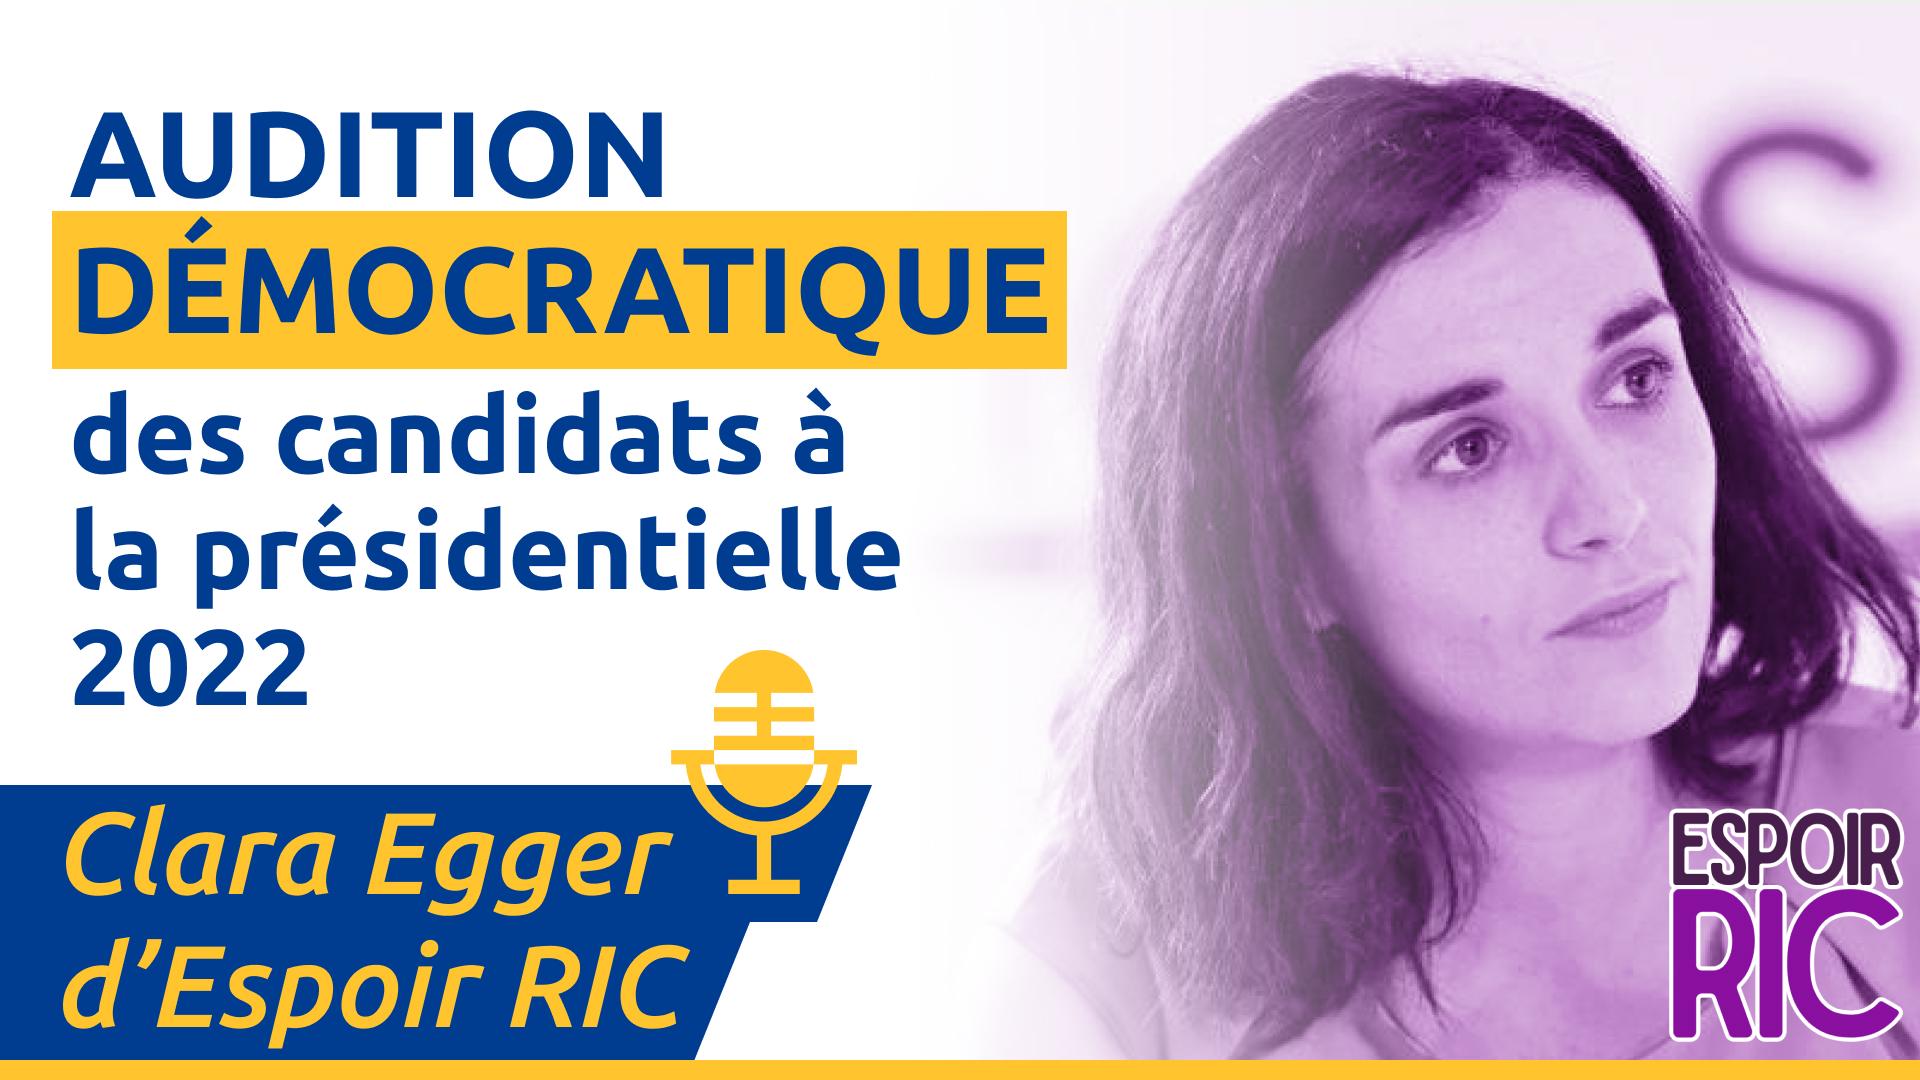 Audition démocratique de Clara Egger par le MCP